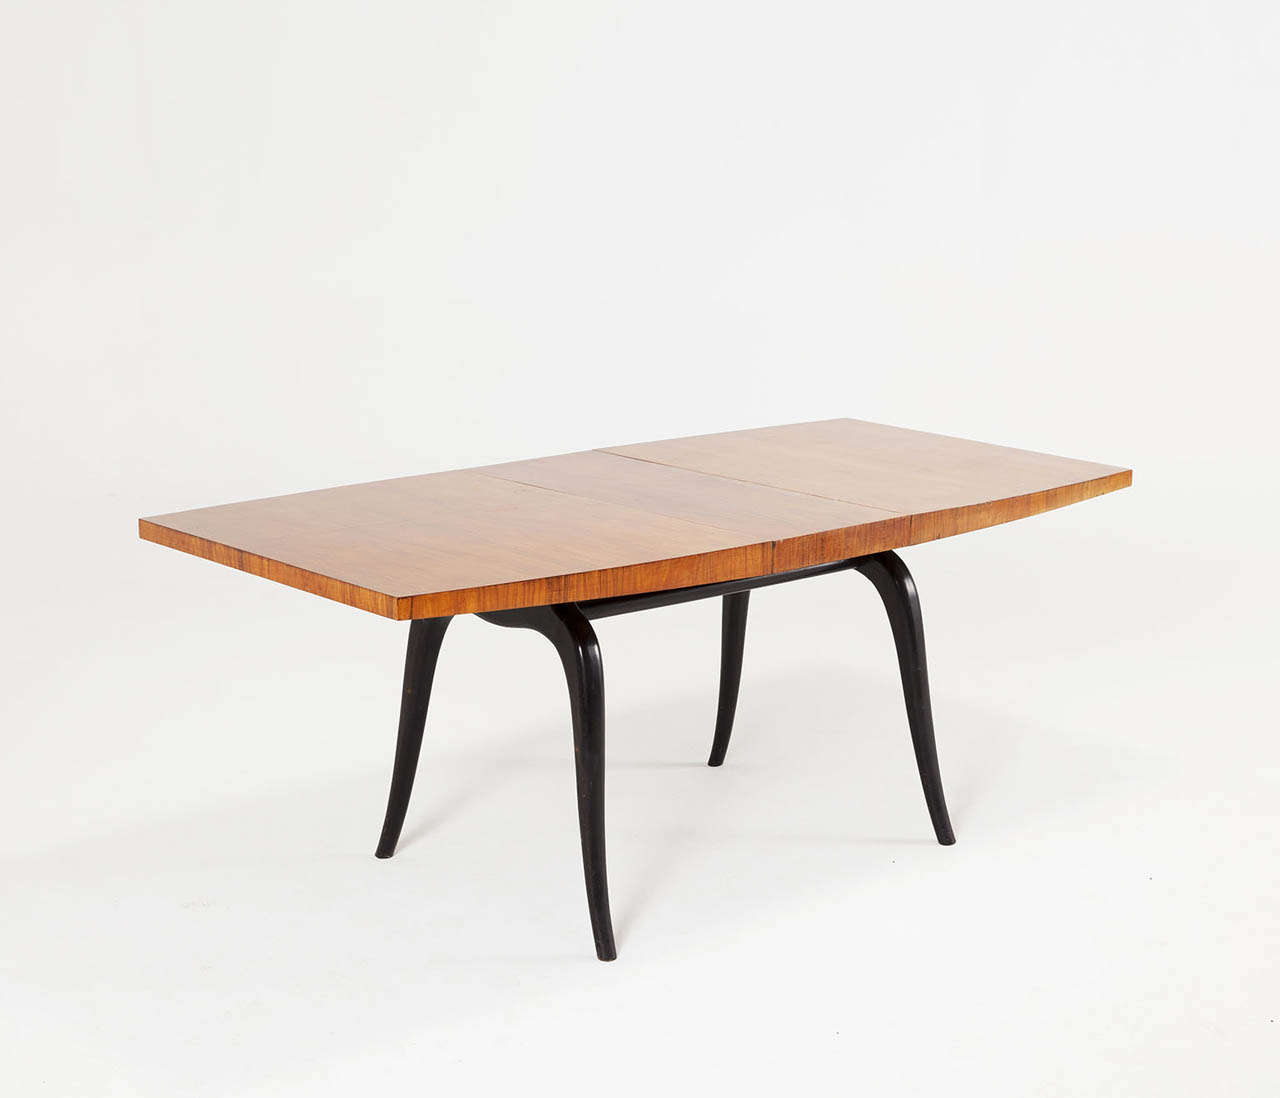 Giuseppe scapinelli 39 bossa nova 39 table brazil 1950s for for Table 19 streaming